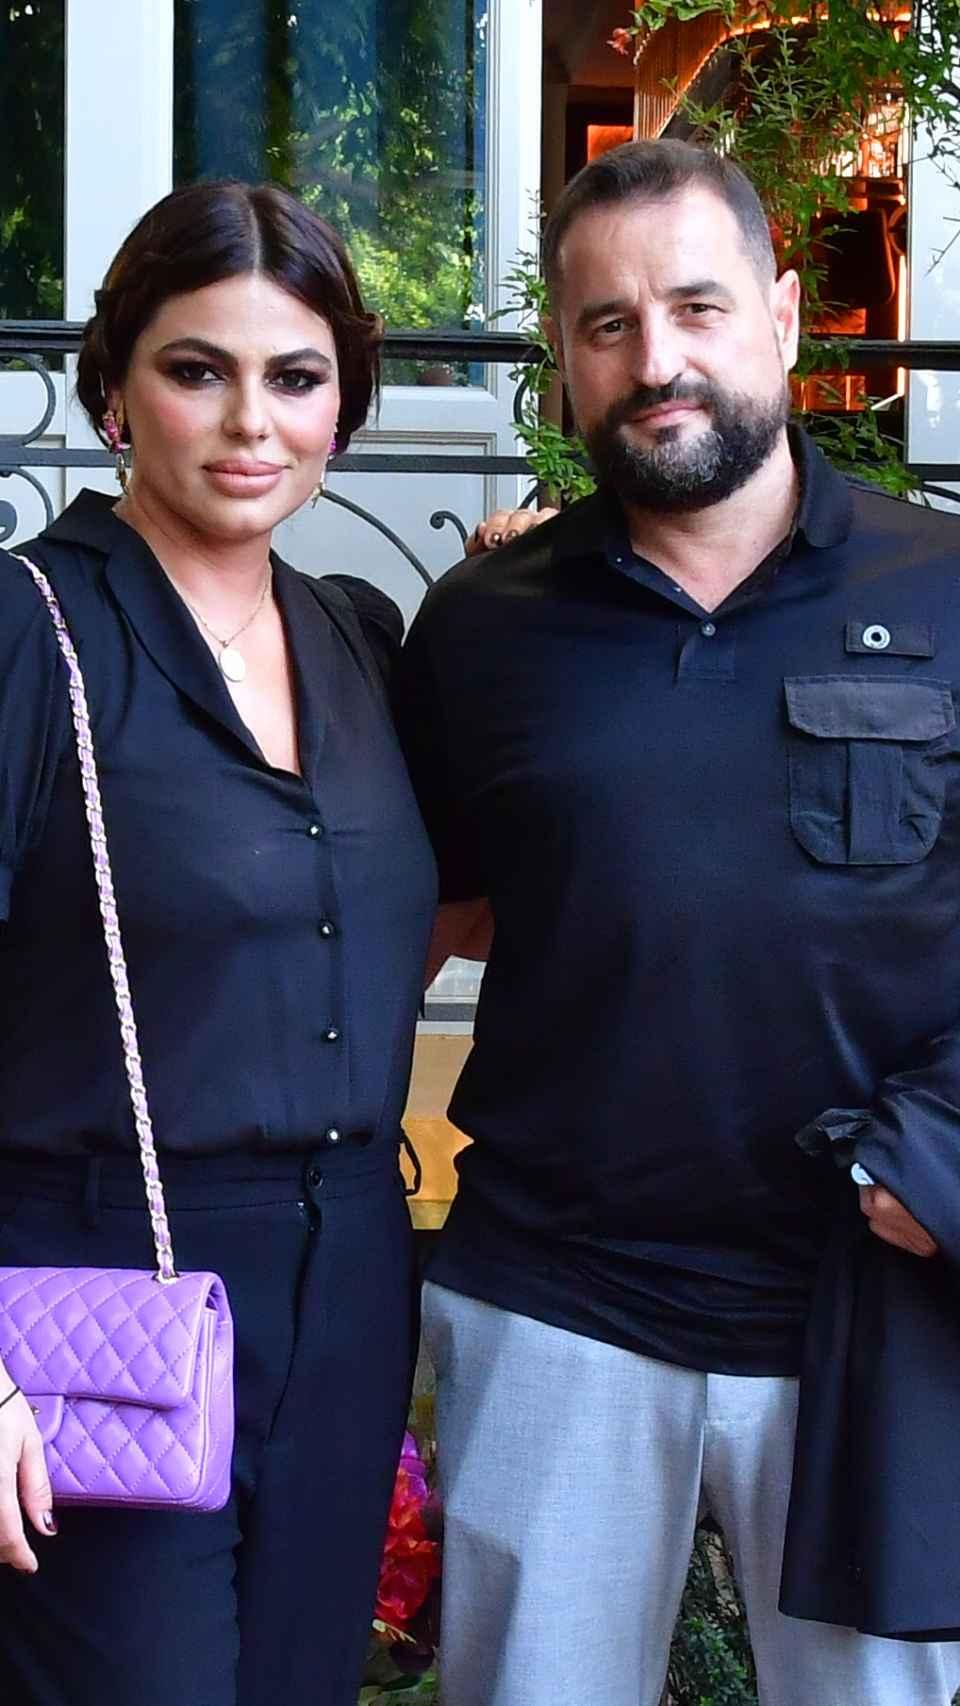 La pareja durante un acto público en junio de 2021.